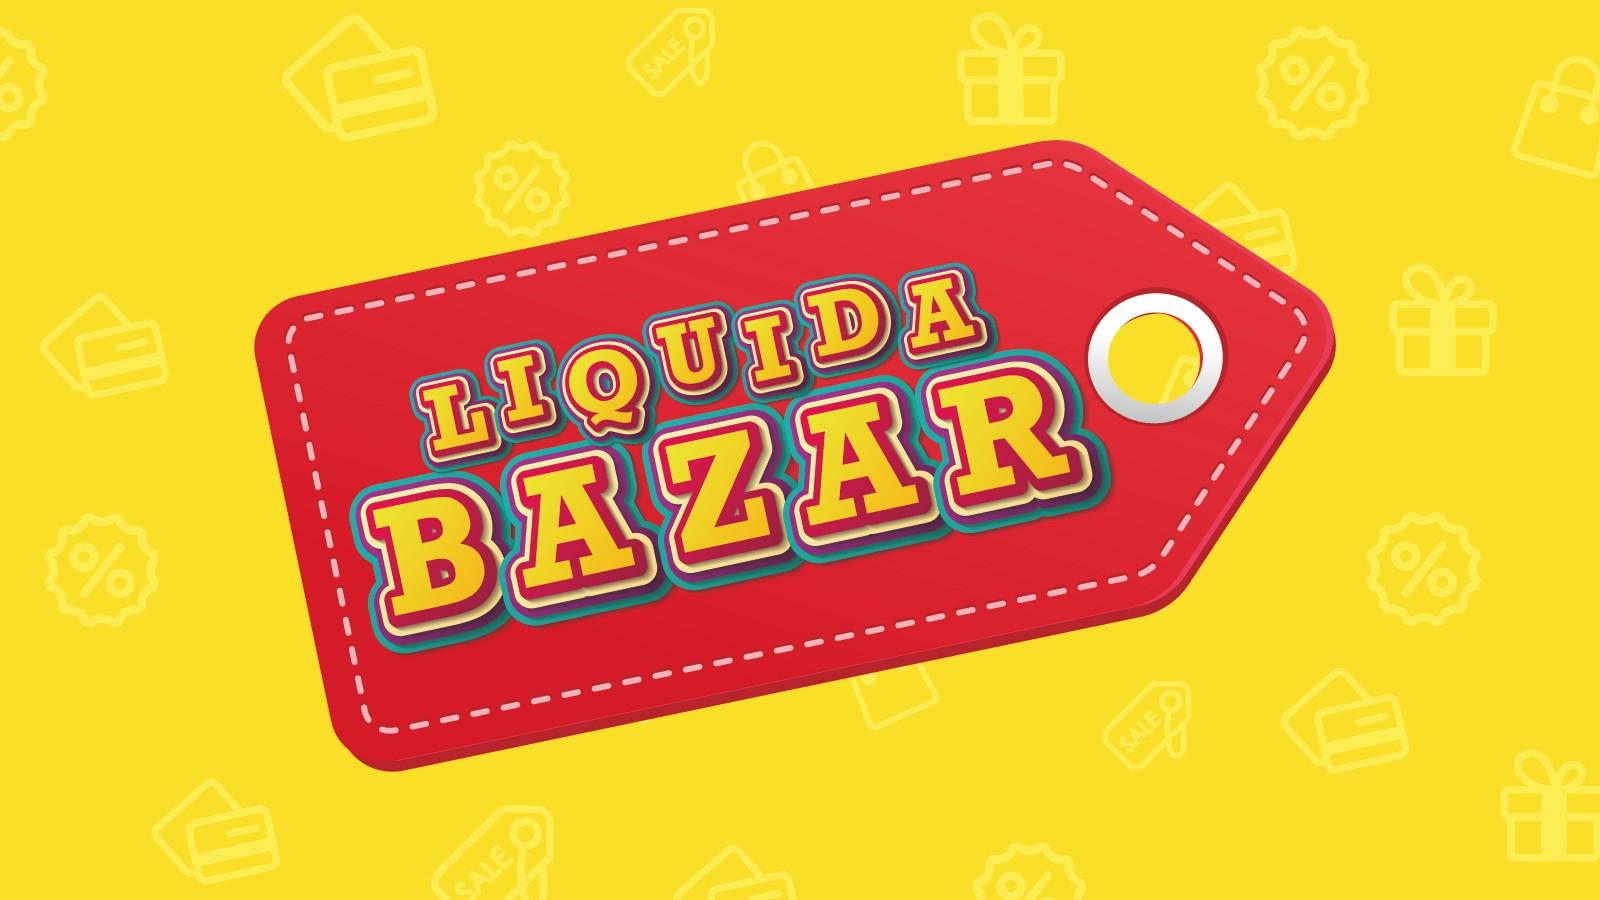 Liquida Bazar injeta R$ 27 milhões no faturamento dos pequenos negócios em 2021